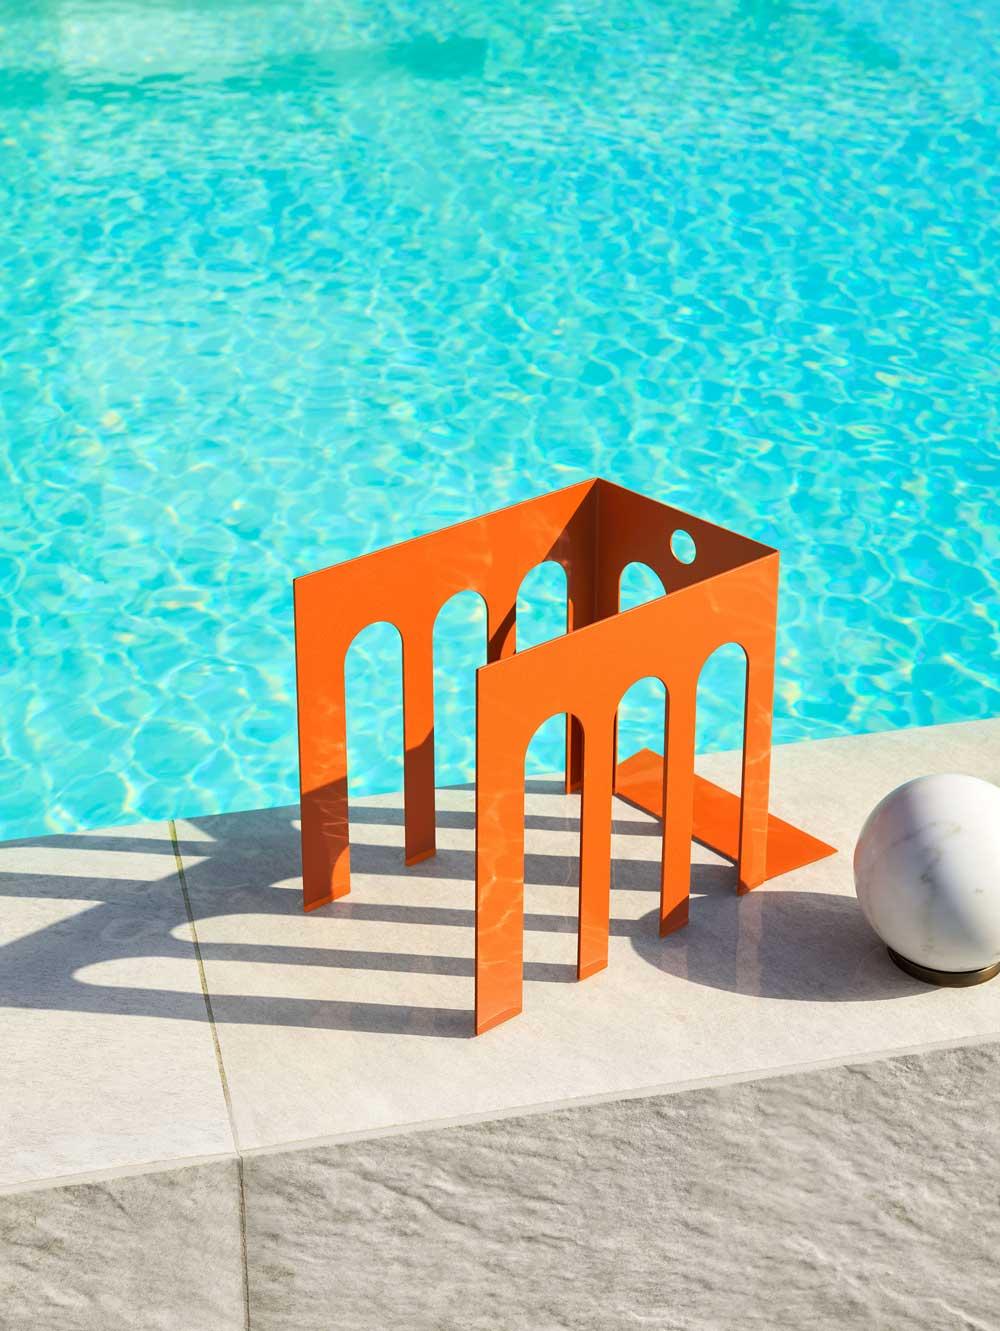 Sedia Lounge Eleven/ Eleven Lounge Chair - Sedia Lounge per esterni in tubolare di acciaio